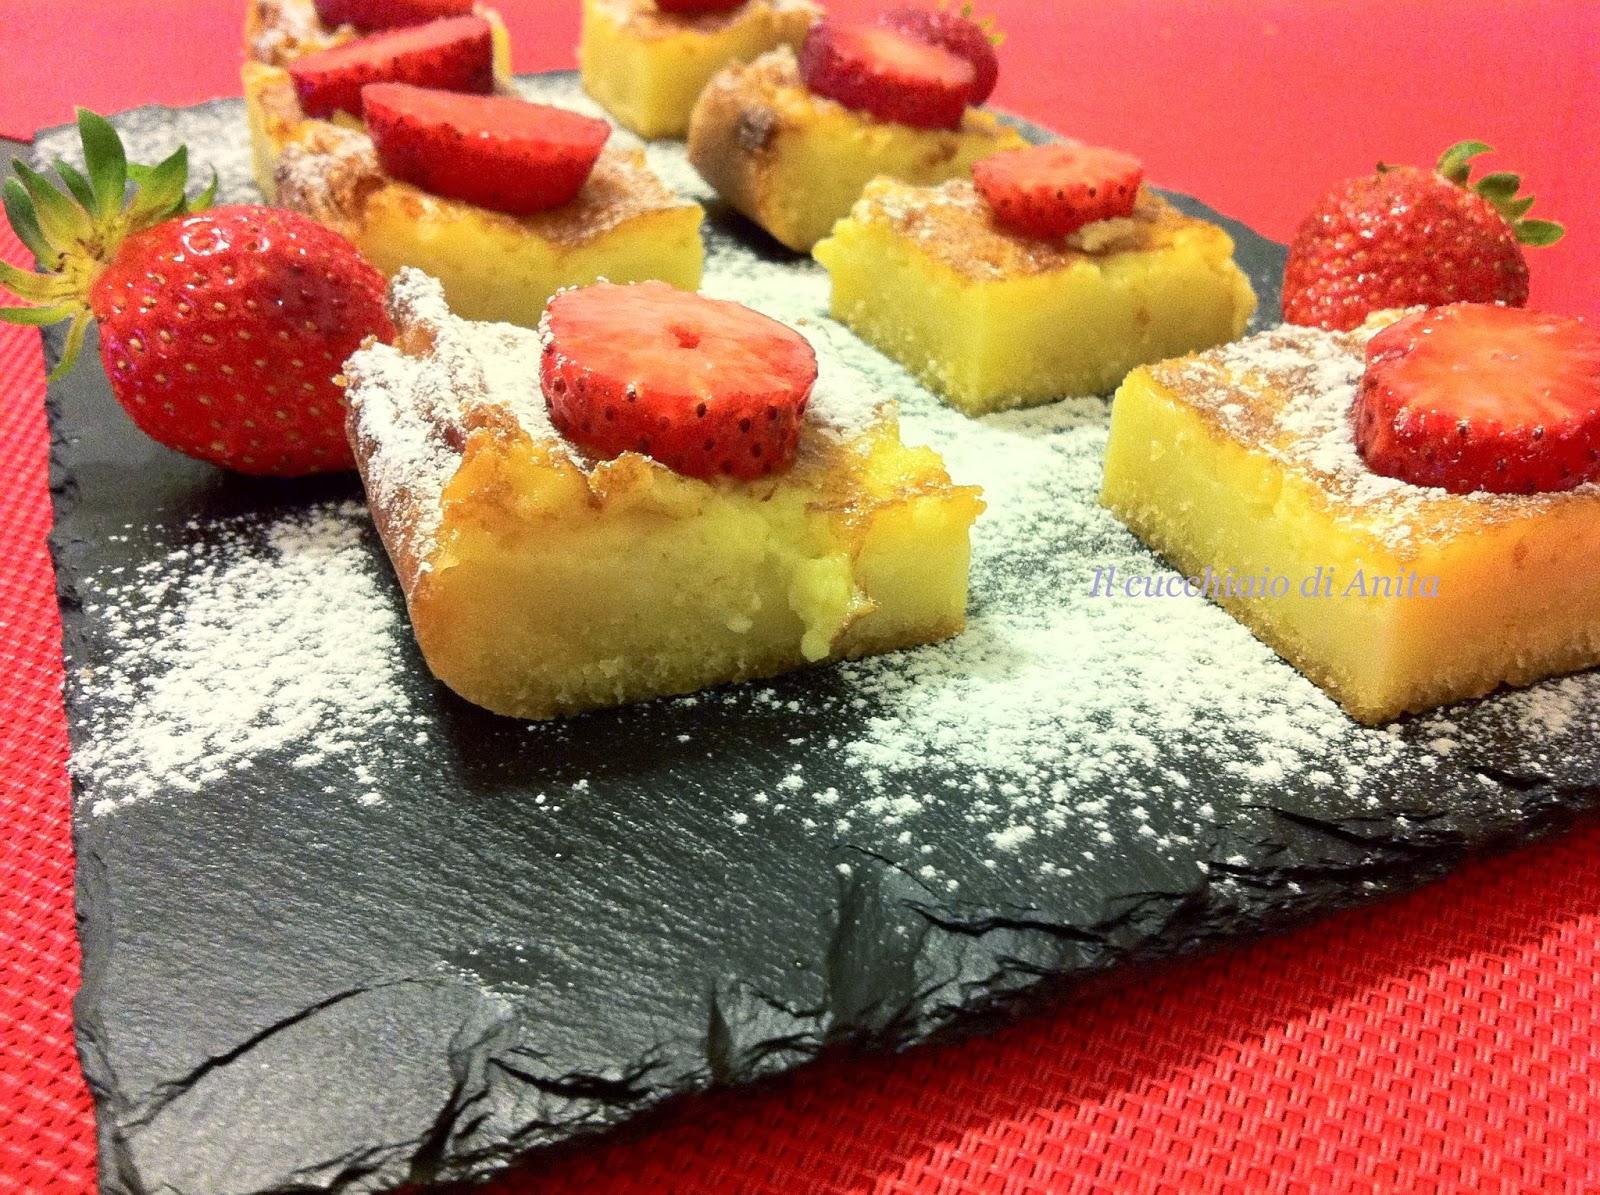 brownies al cioccolato bianco e fragole - (il dolce degli innamorati)